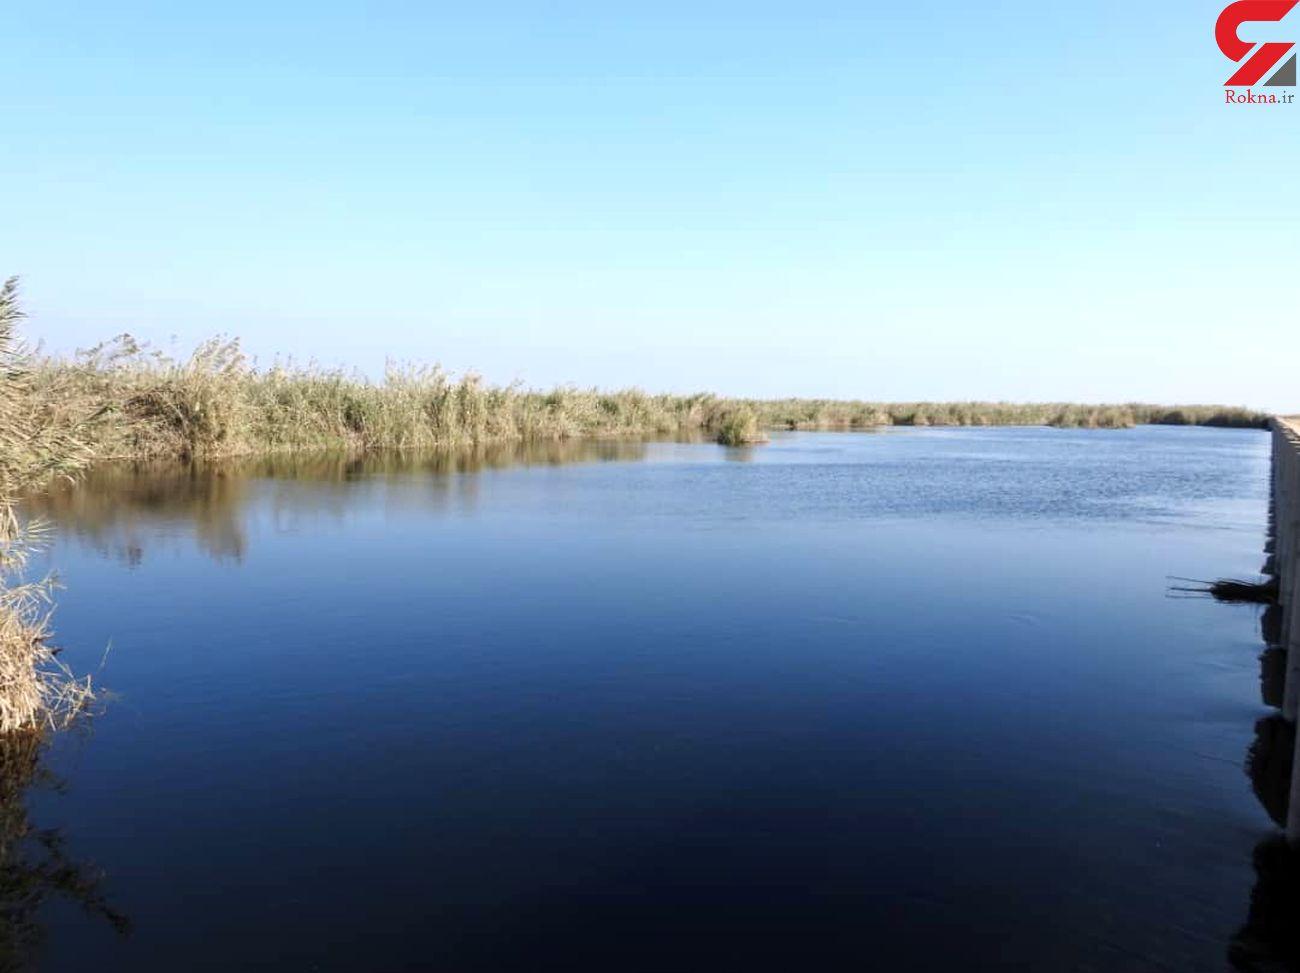 احیاء دریاچه ارومیه الگوی مدیریت تالاب های کشور شود